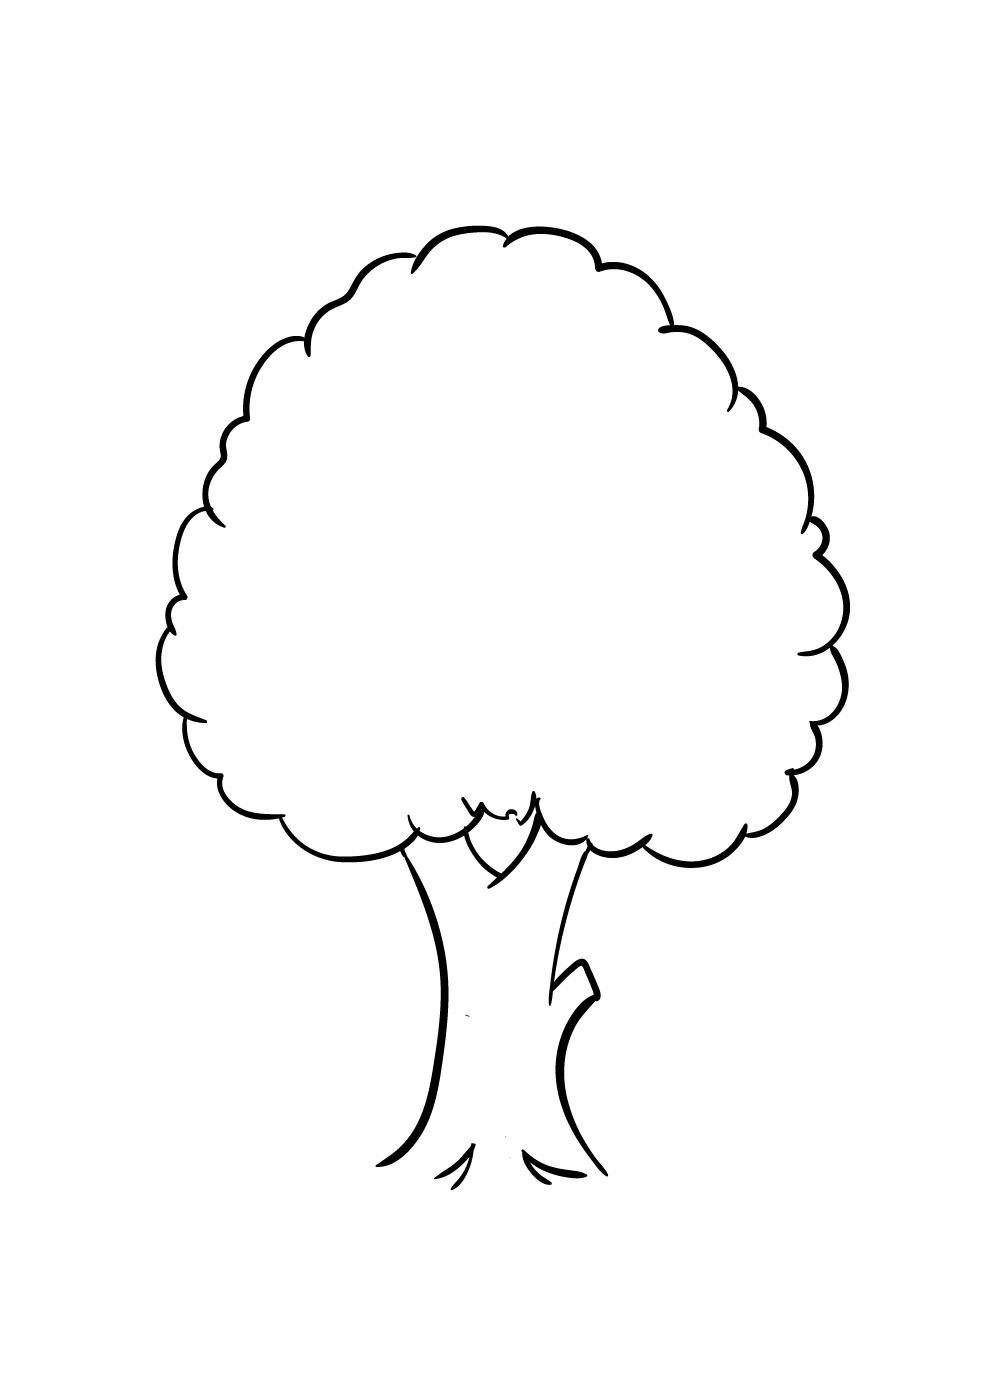 vẽ cây bước 4